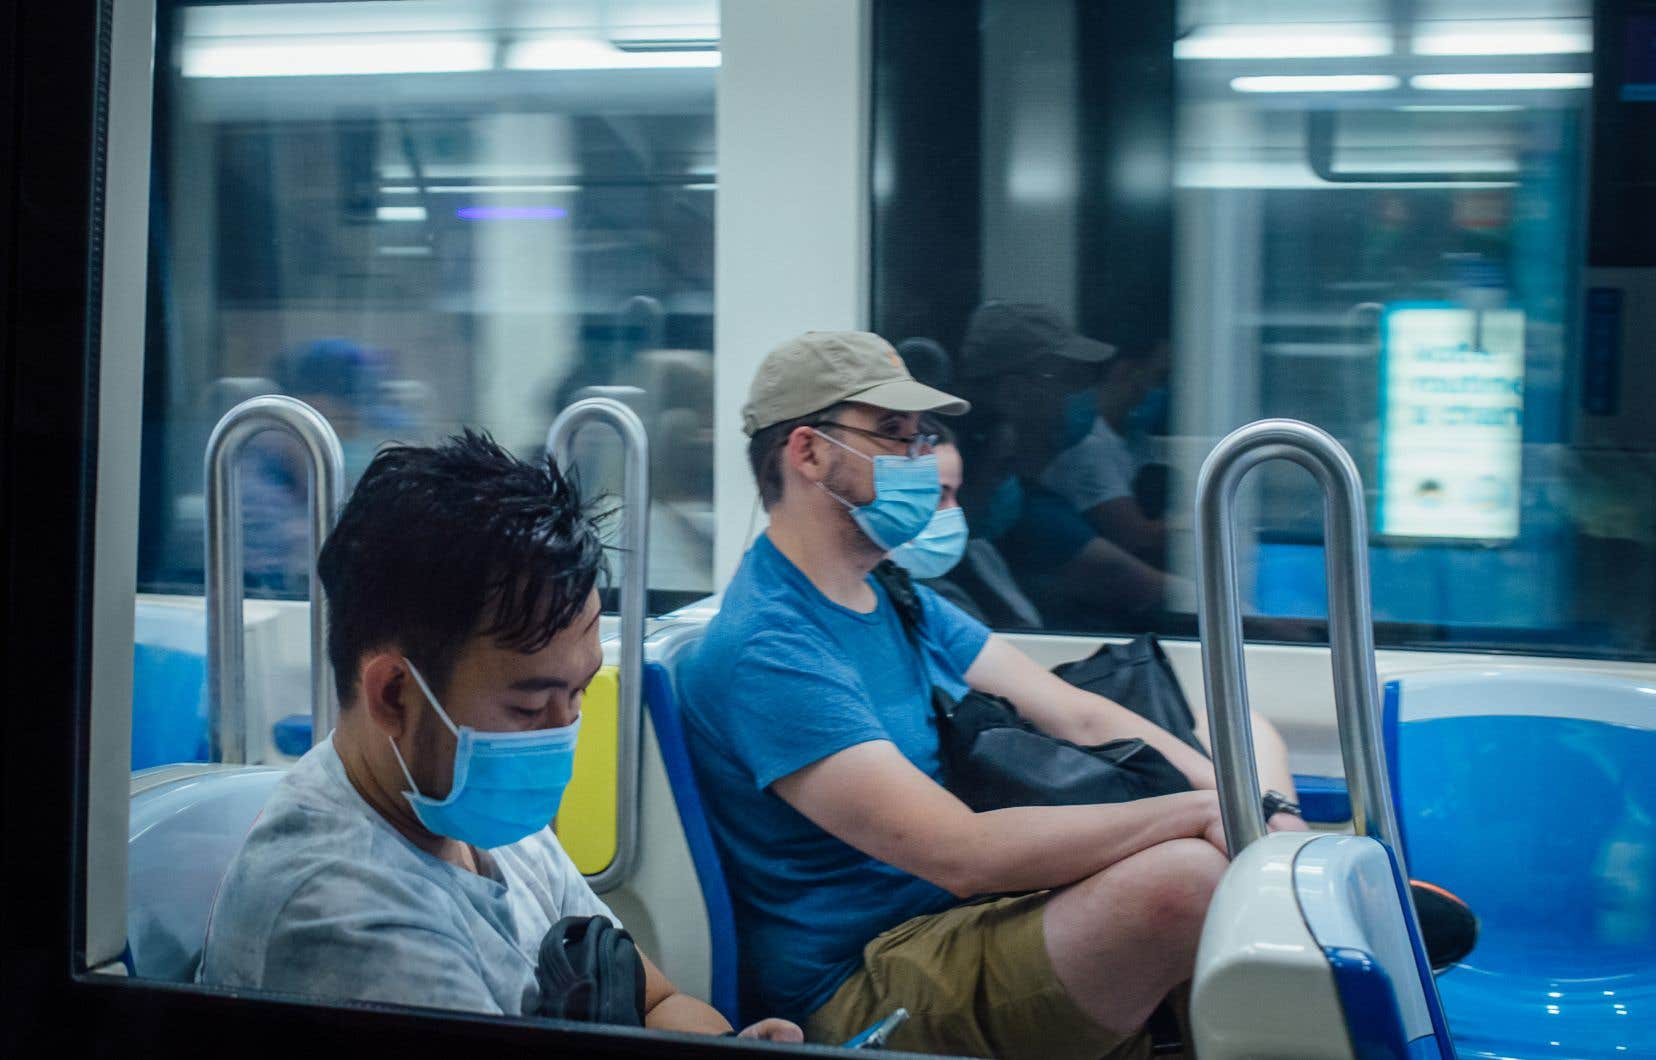 <p>La STM estime à 95% la proportion des usagers qui portaient le masque dans le métro mercredi, contre 86% lors de la semaine du 13 juillet qui marquait le début du port obligatoire du couvre-visage.</p>